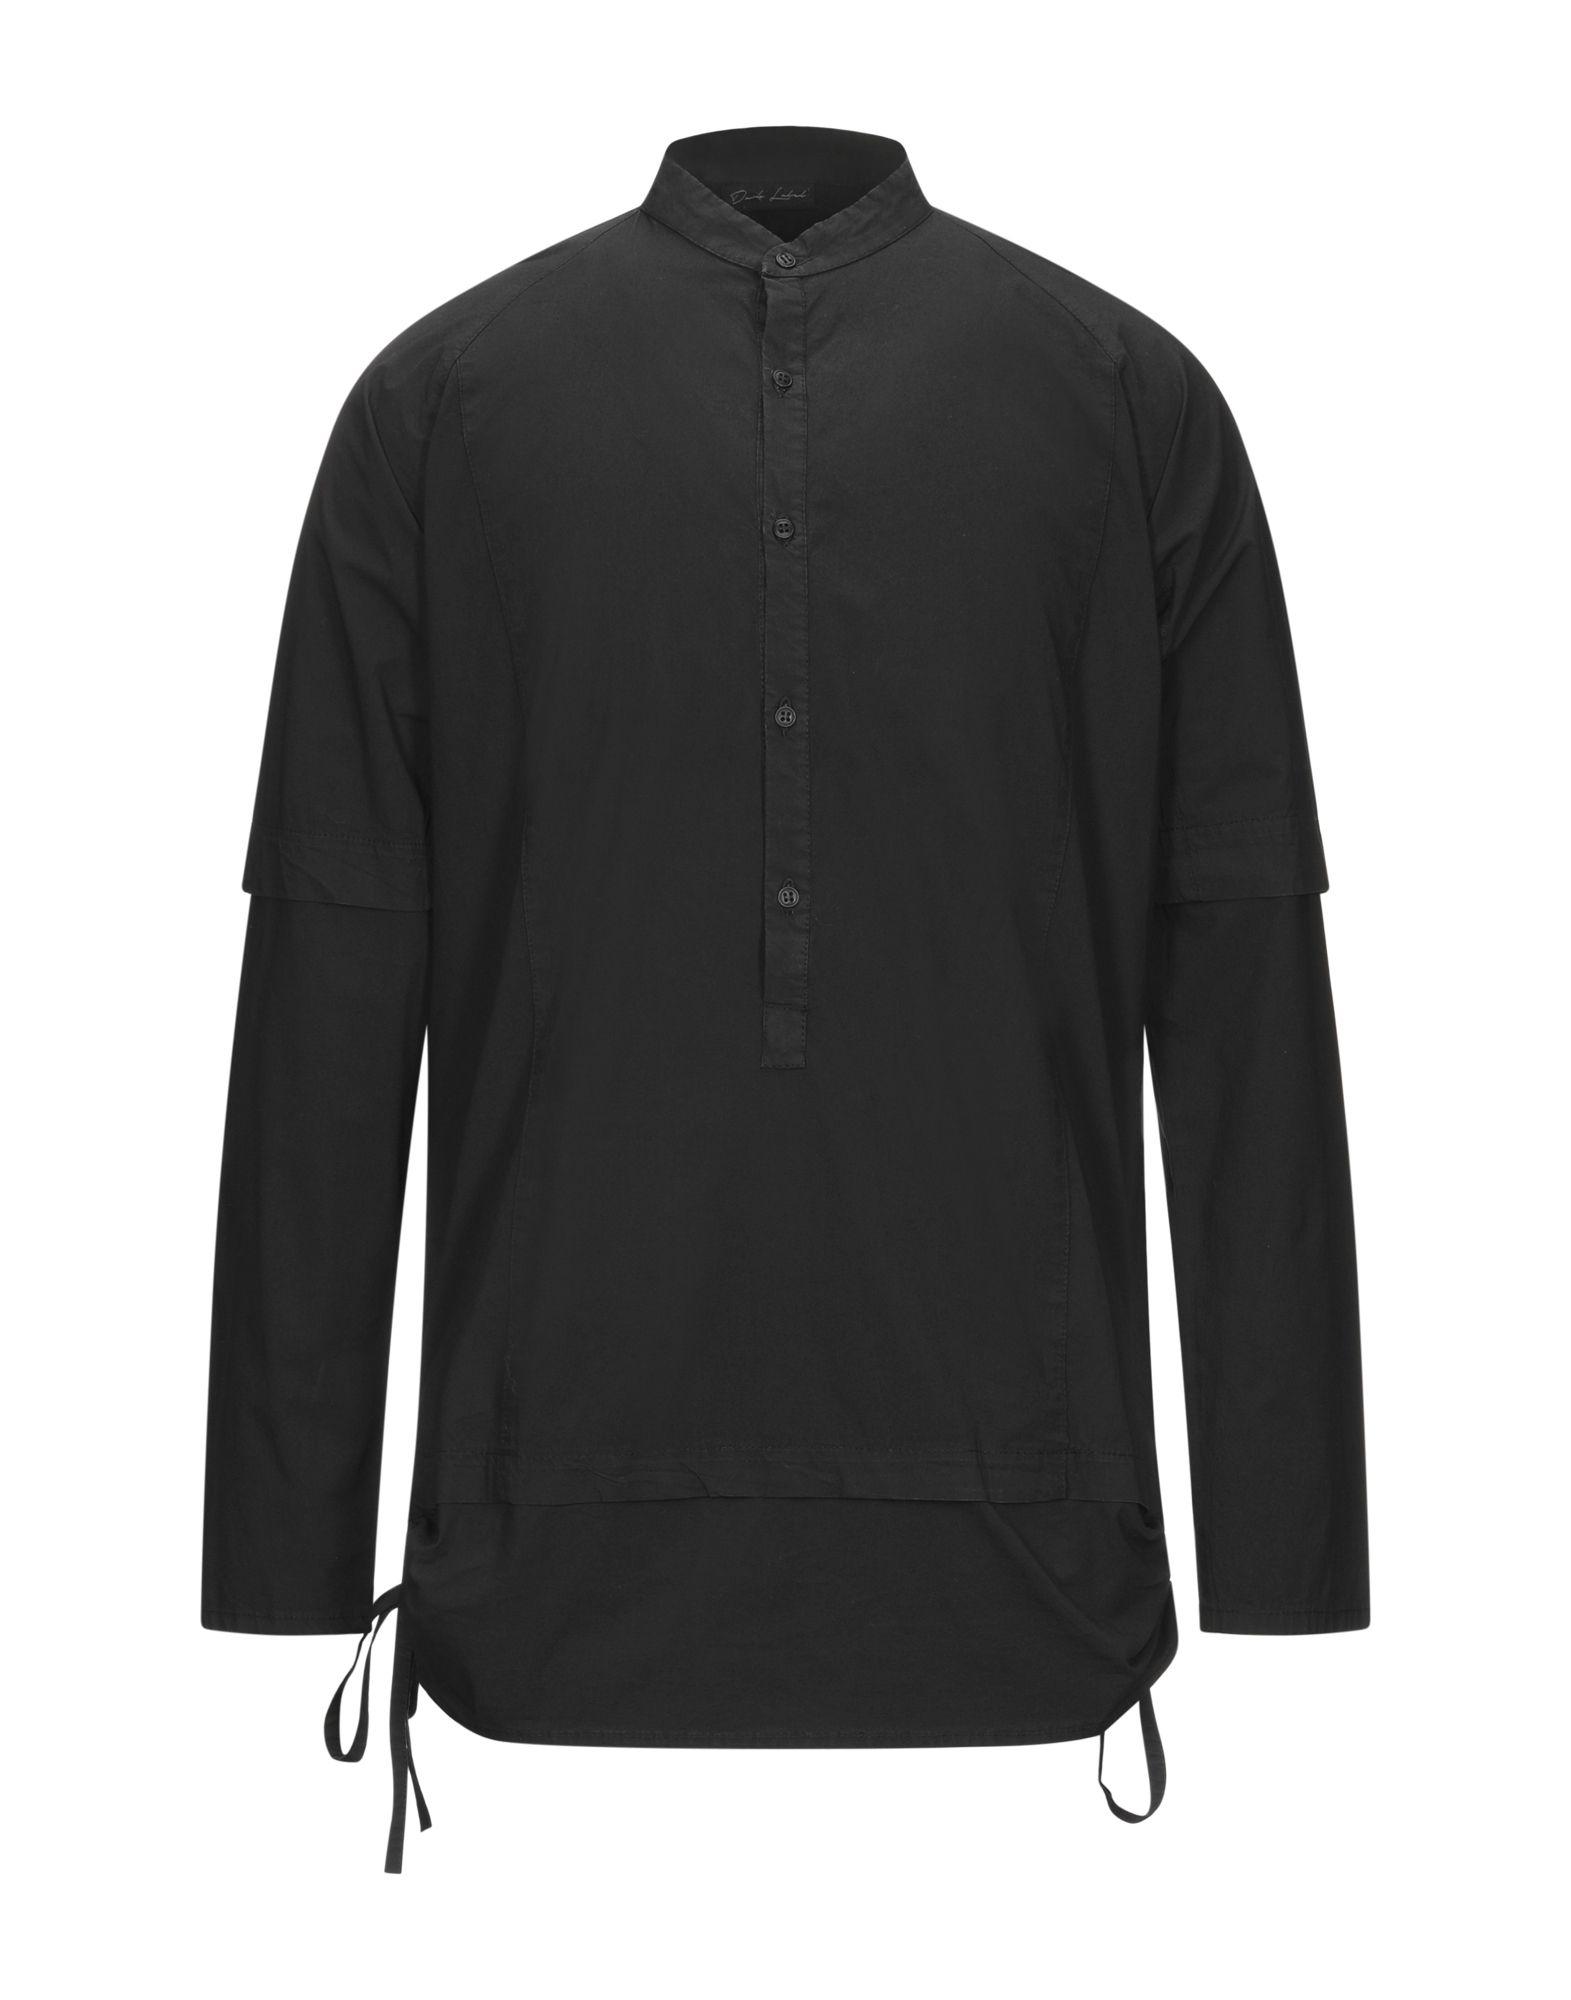 《セール開催中》DARK LABEL メンズ シャツ ブラック M コットン 97% / ポリウレタン 3%